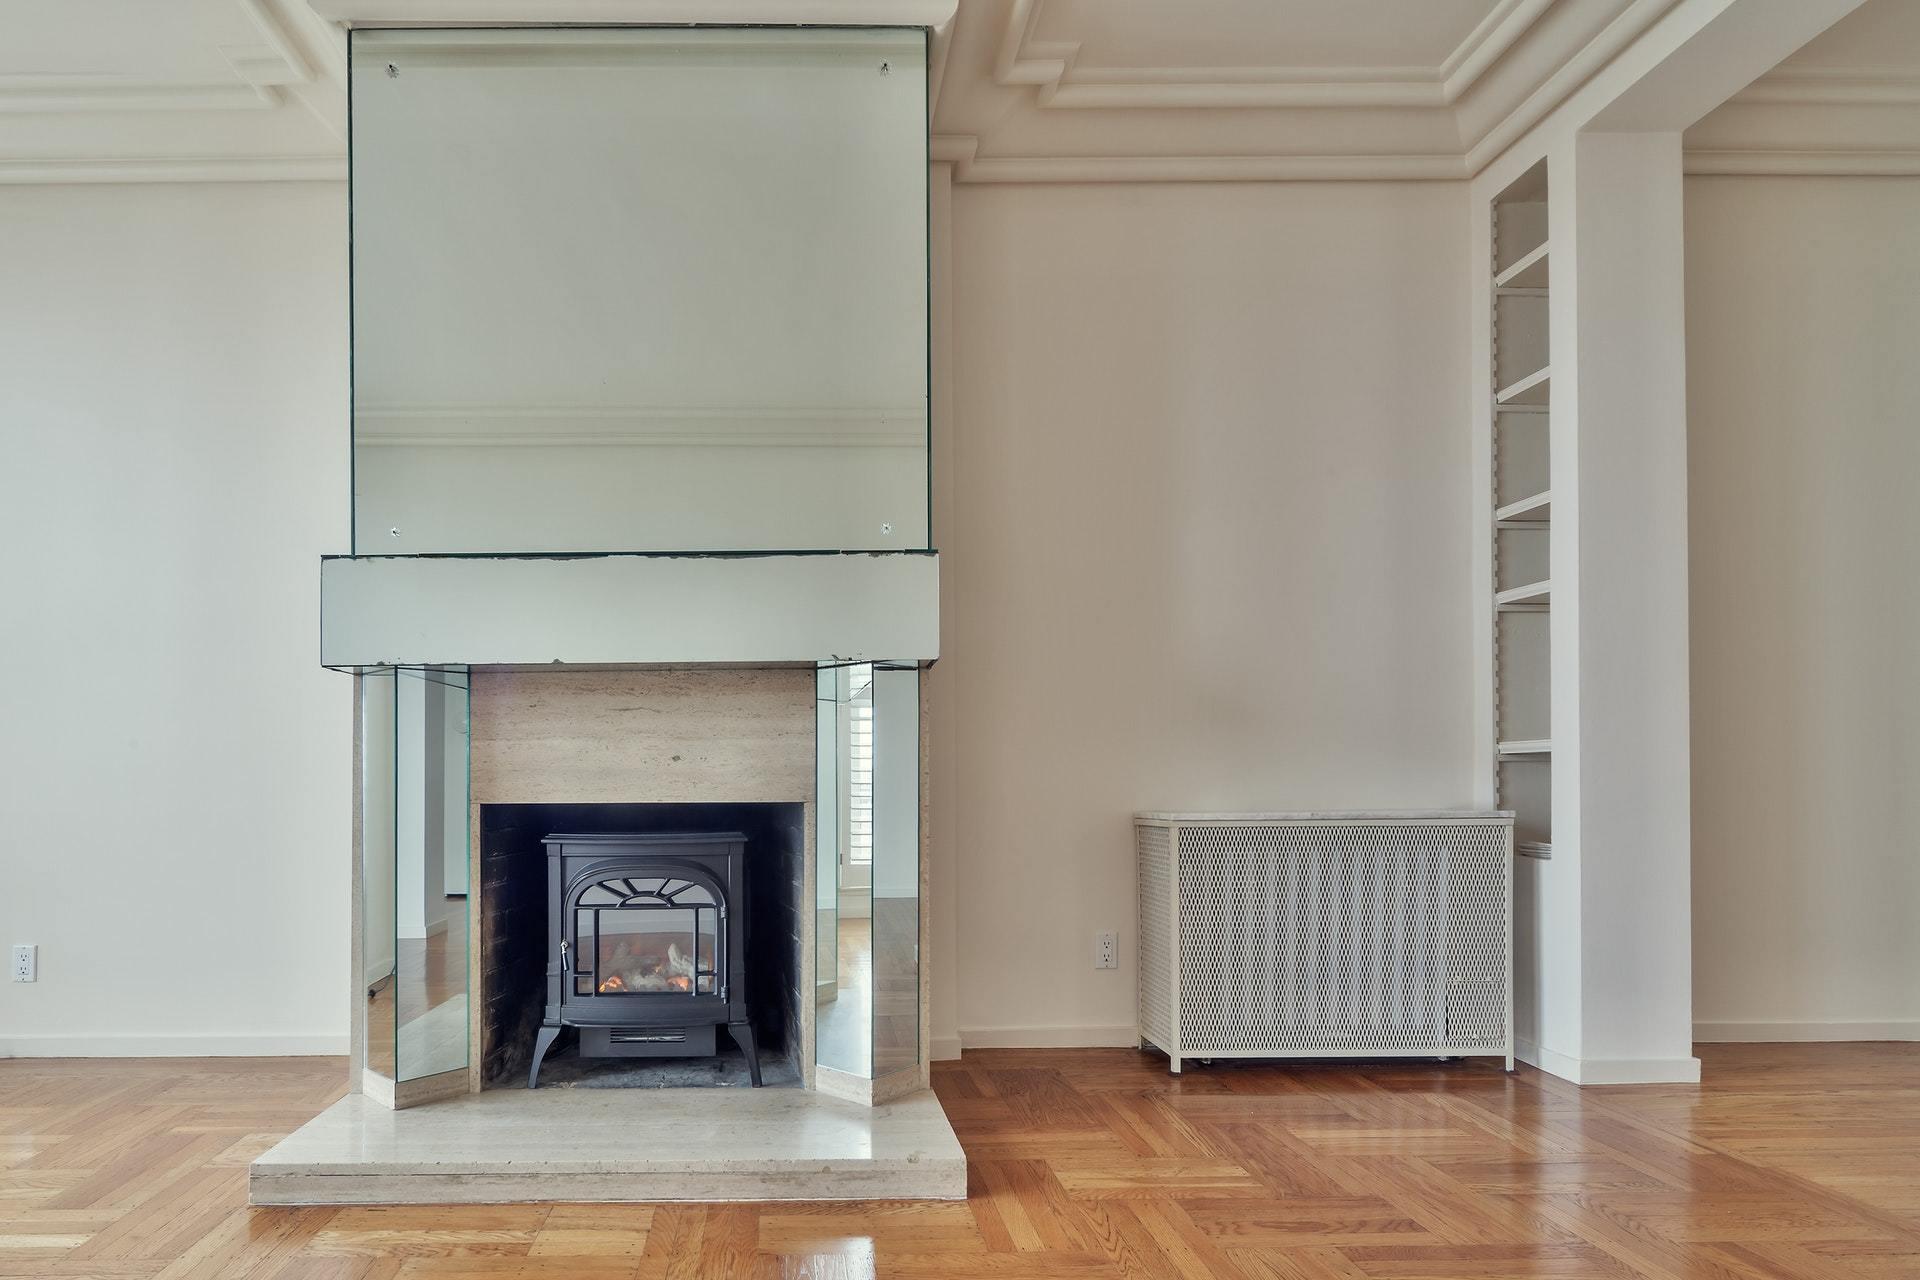 Consejos de seguridad para casas con Sindrome del nido vacio